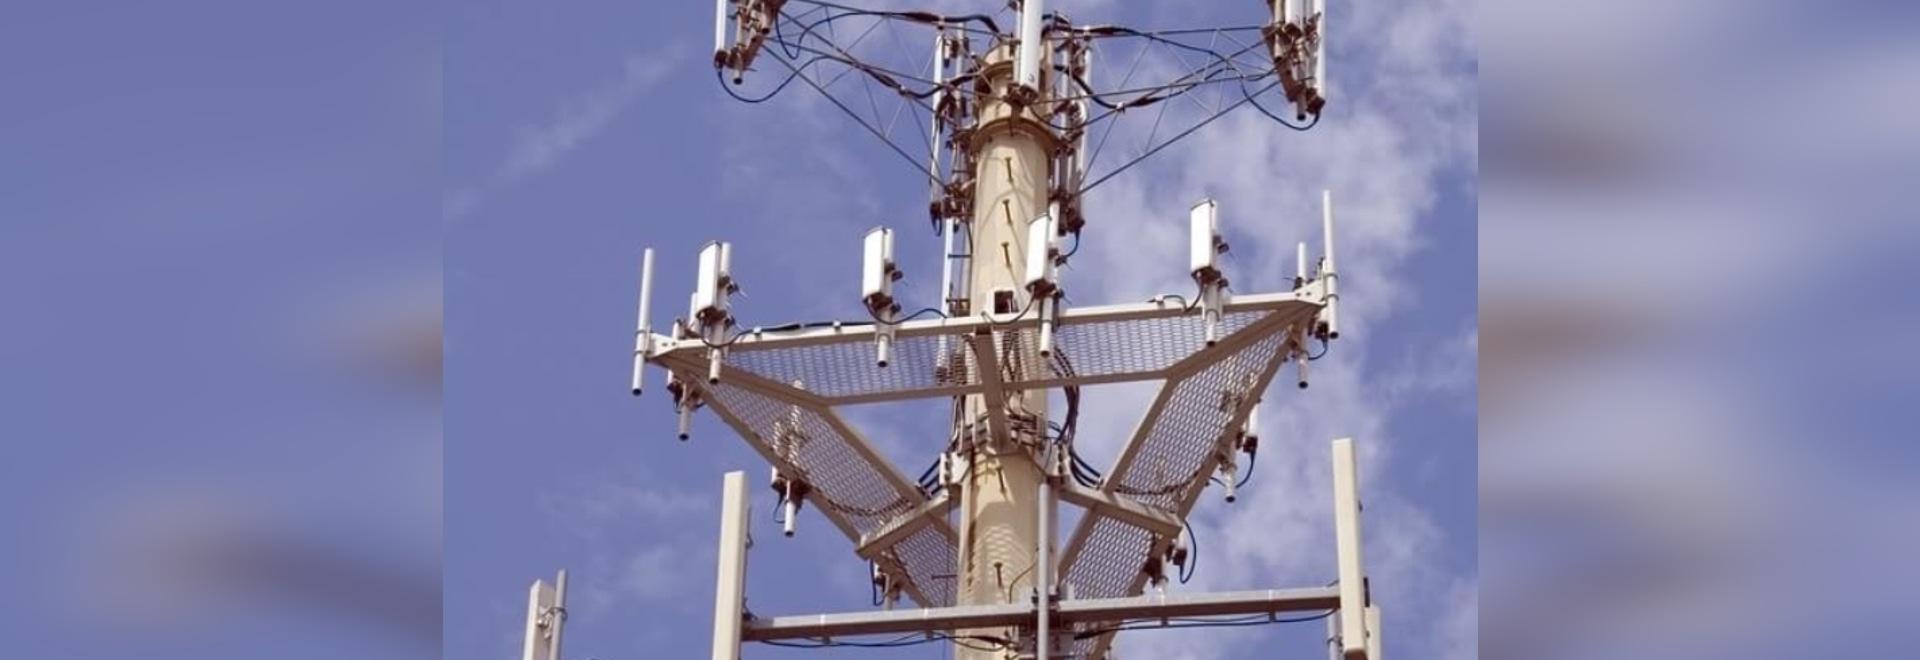 Entrega la ayuda a la industria de las telecomunicaciones con recintos